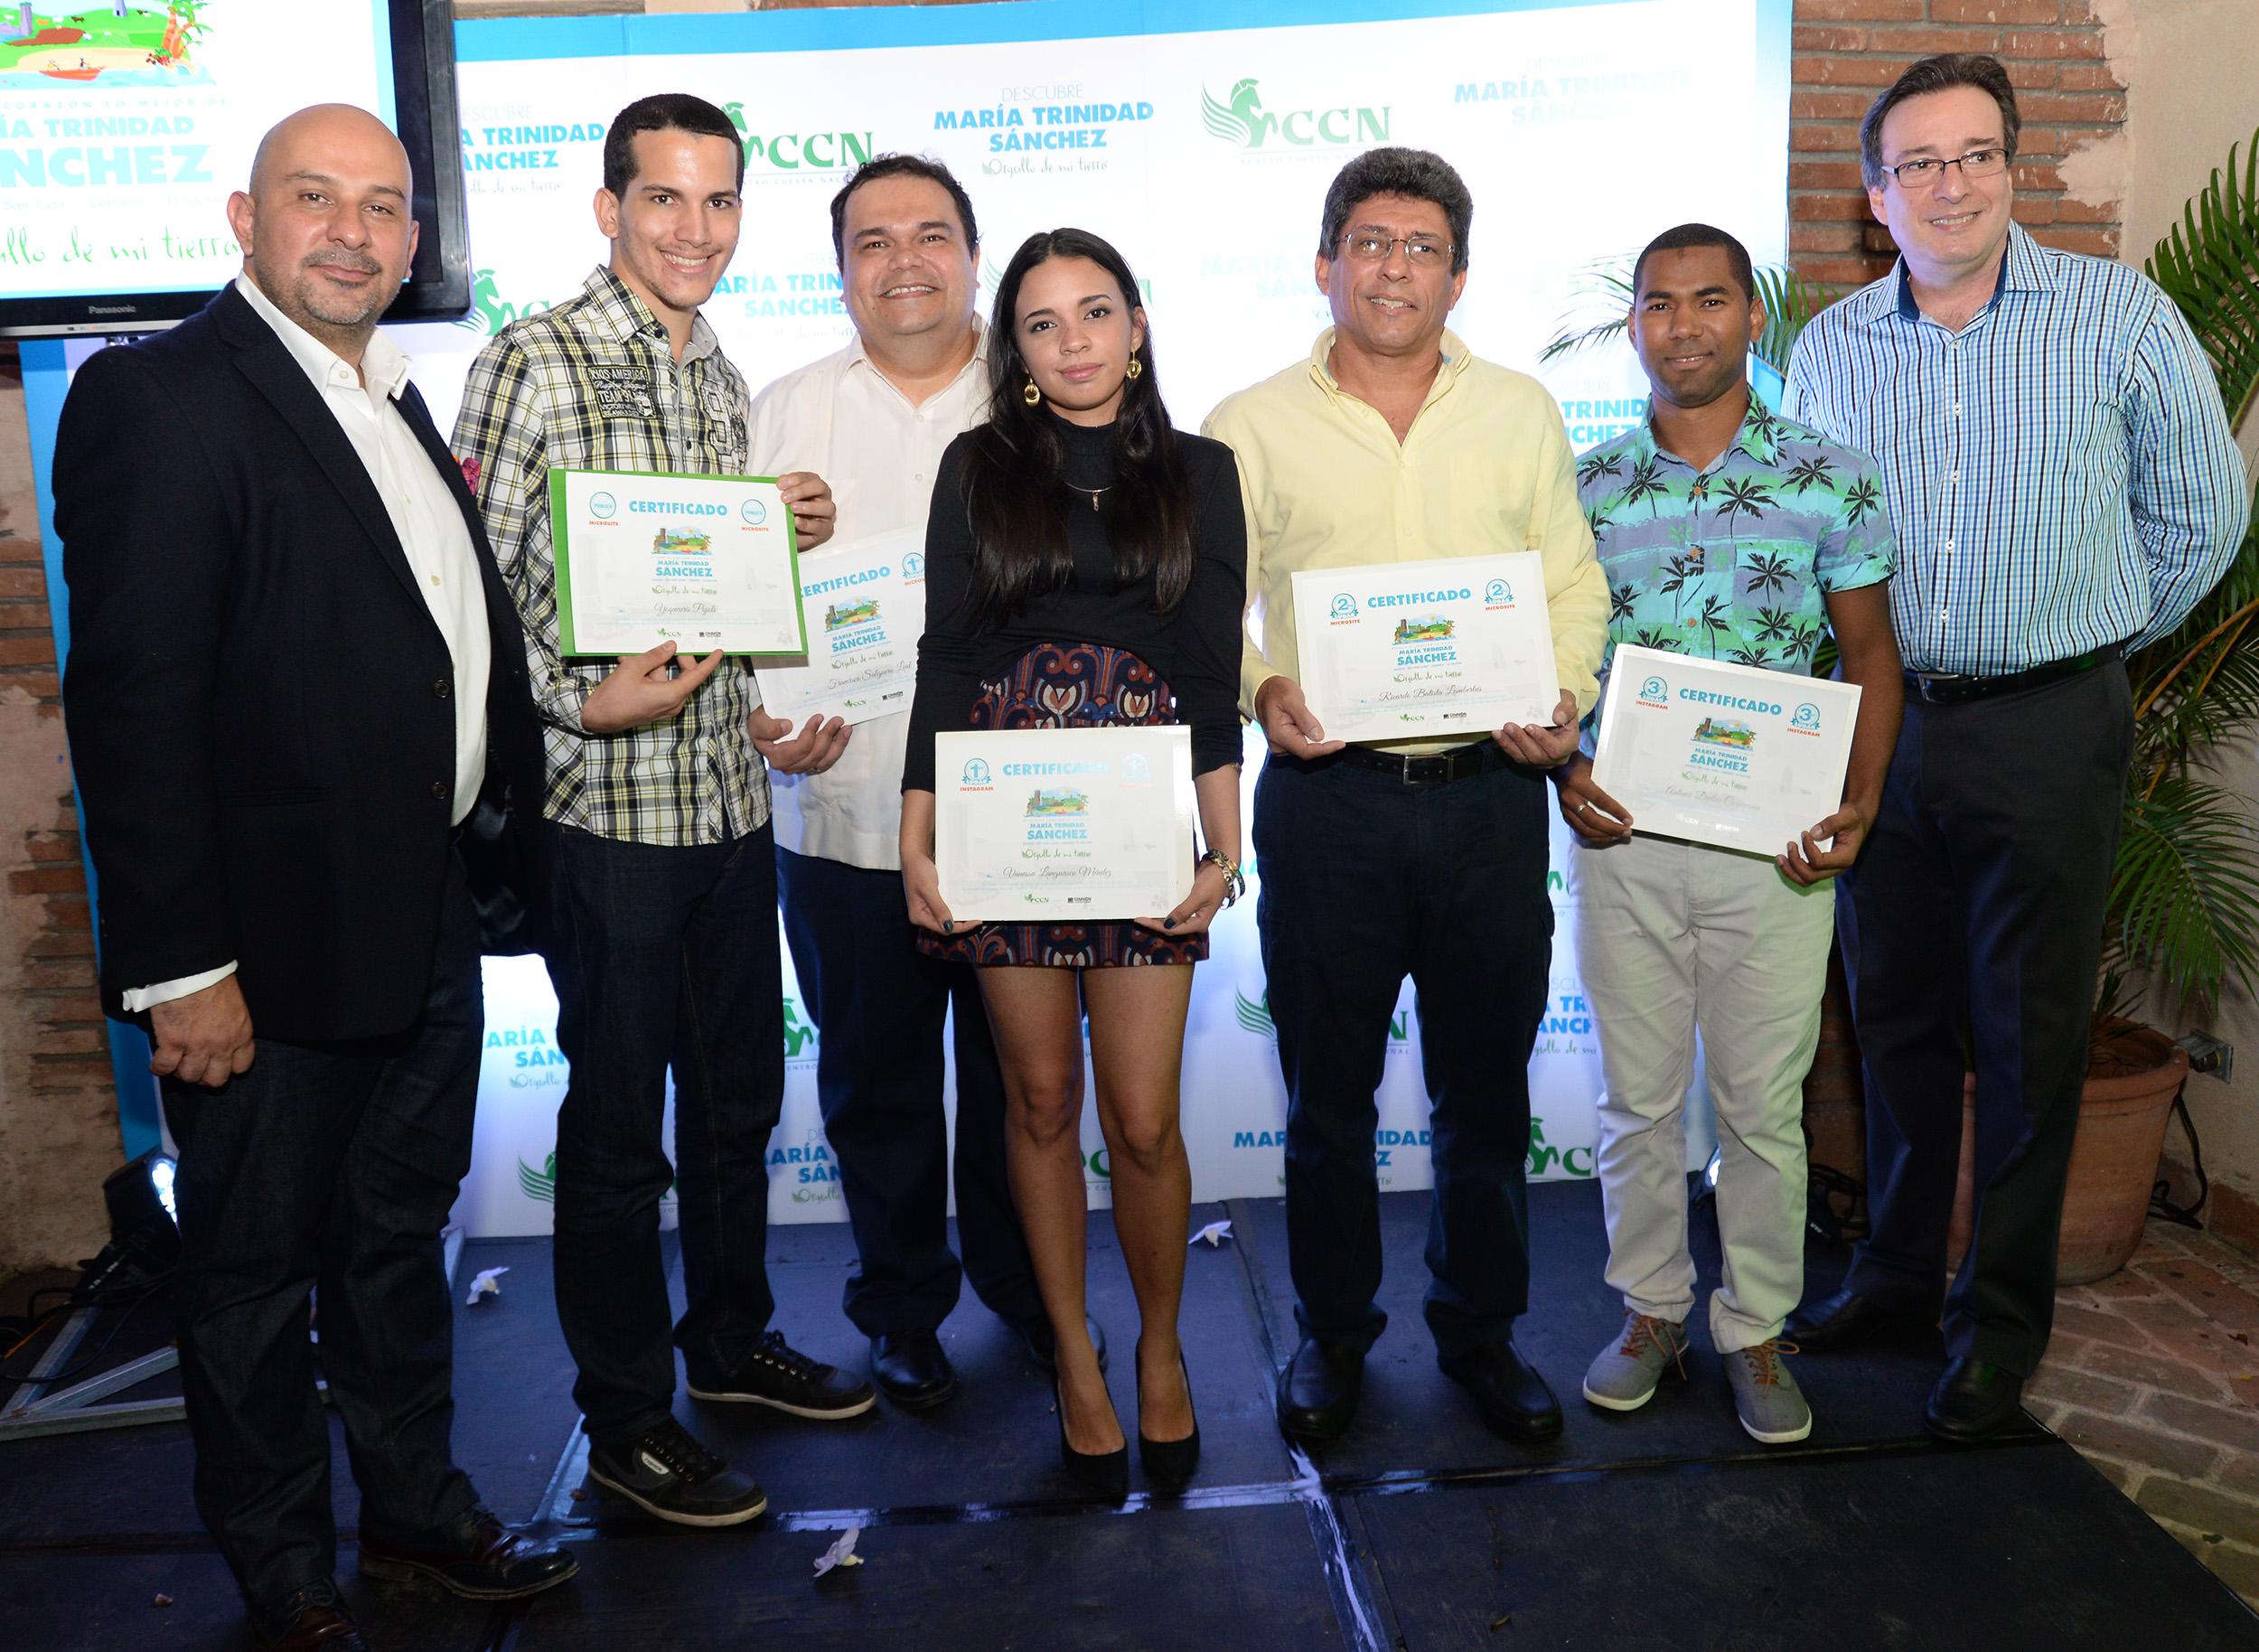 Foto 3 - Jurados y ganadores del concurso.